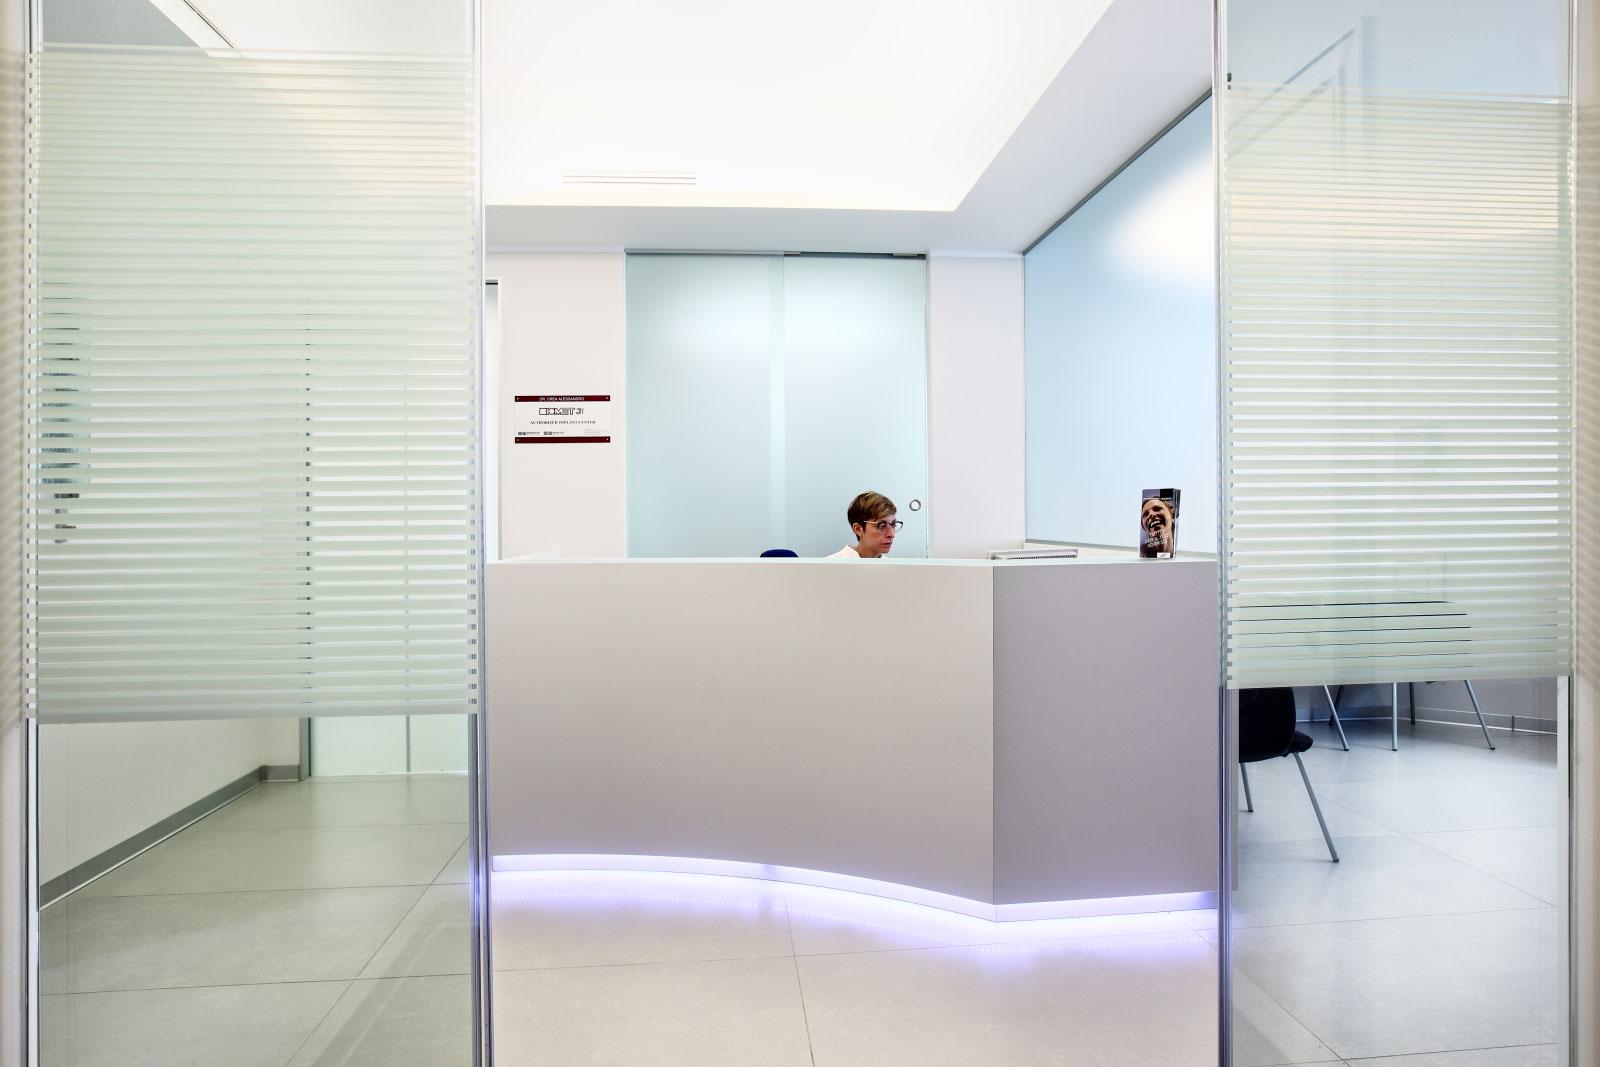 Studio-Odontoiatrico-Crea-Viterbo-Reception